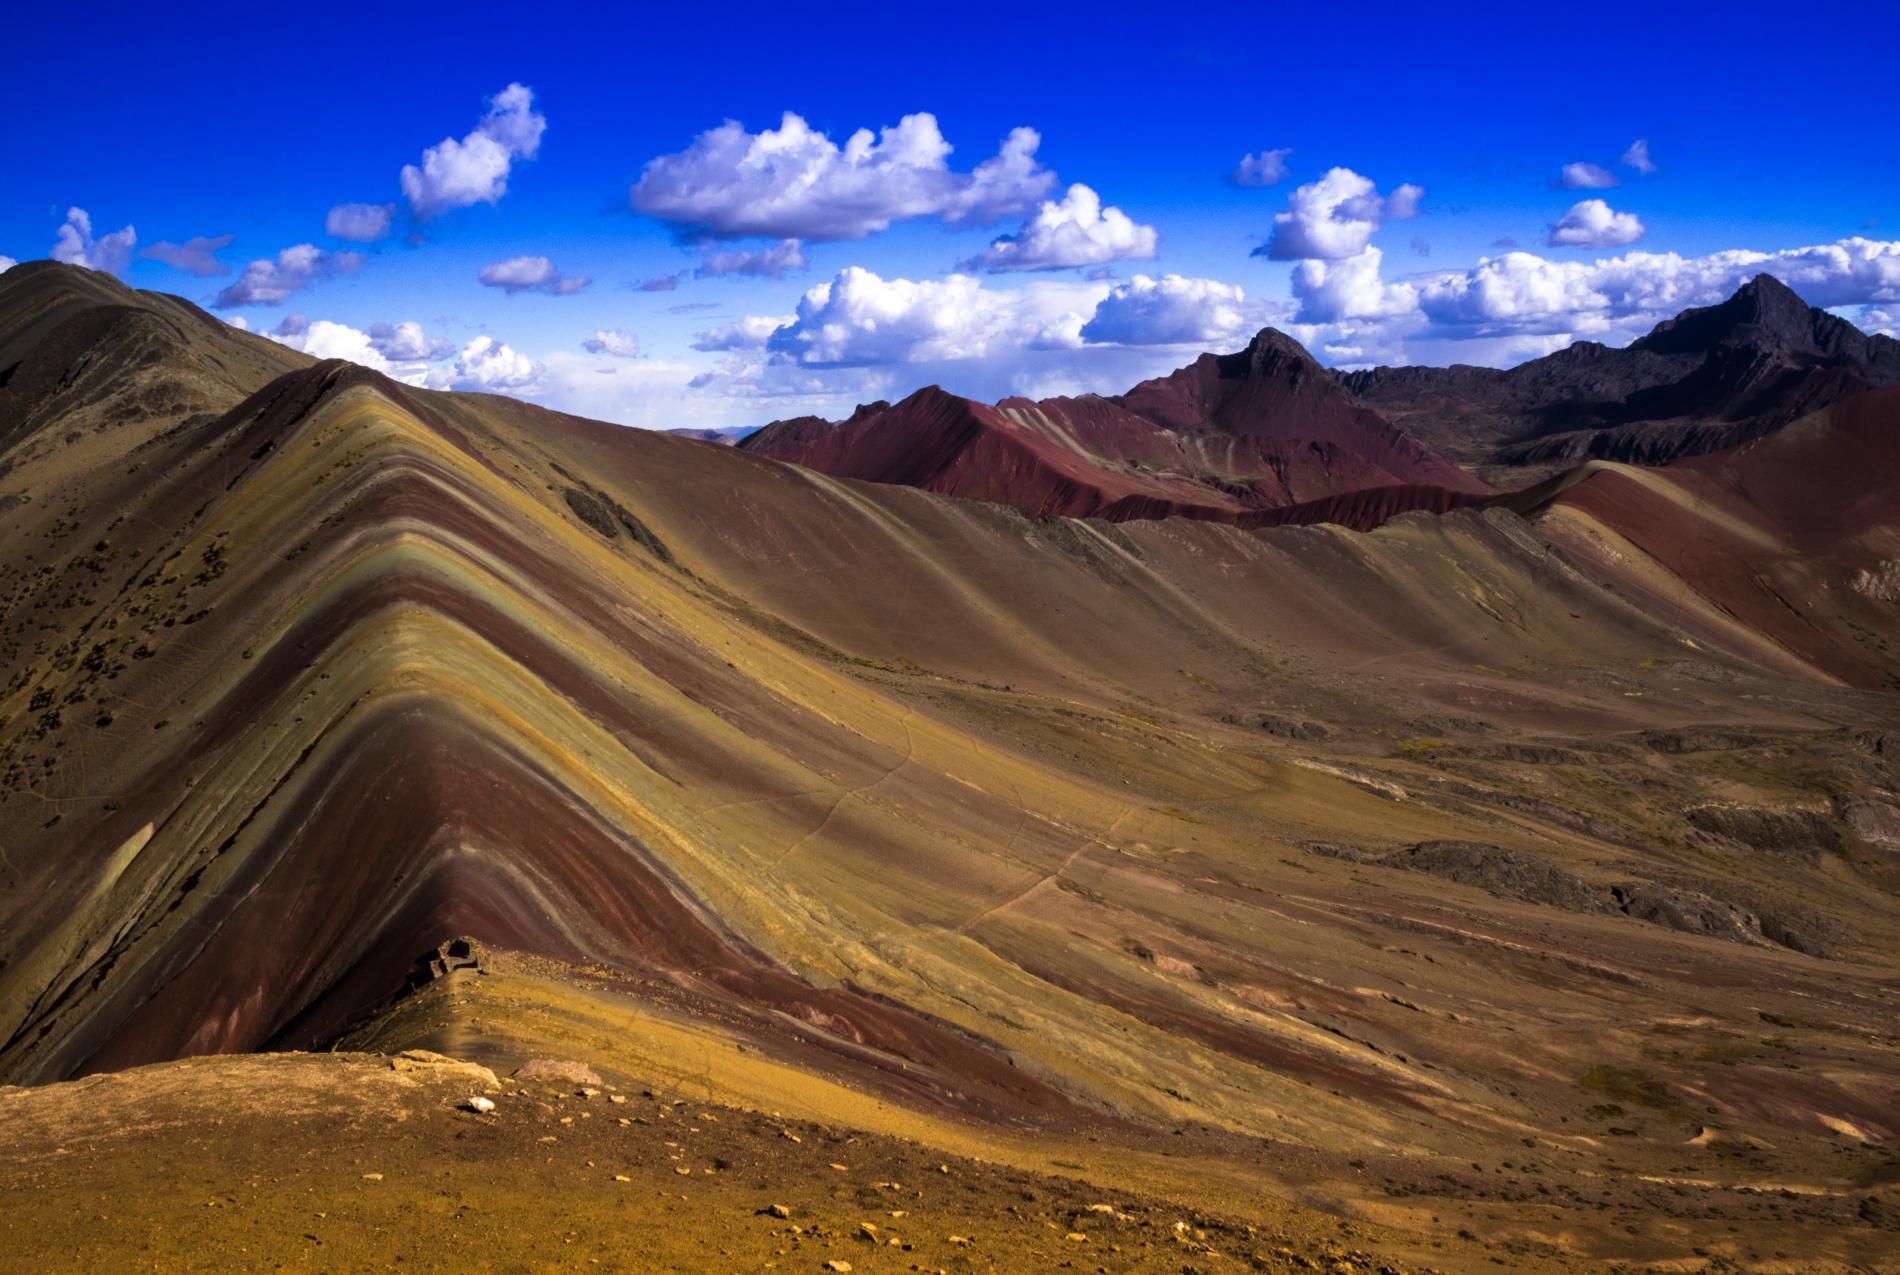 Voyage solidaire Pérou : Vision du Monde - Photo 6